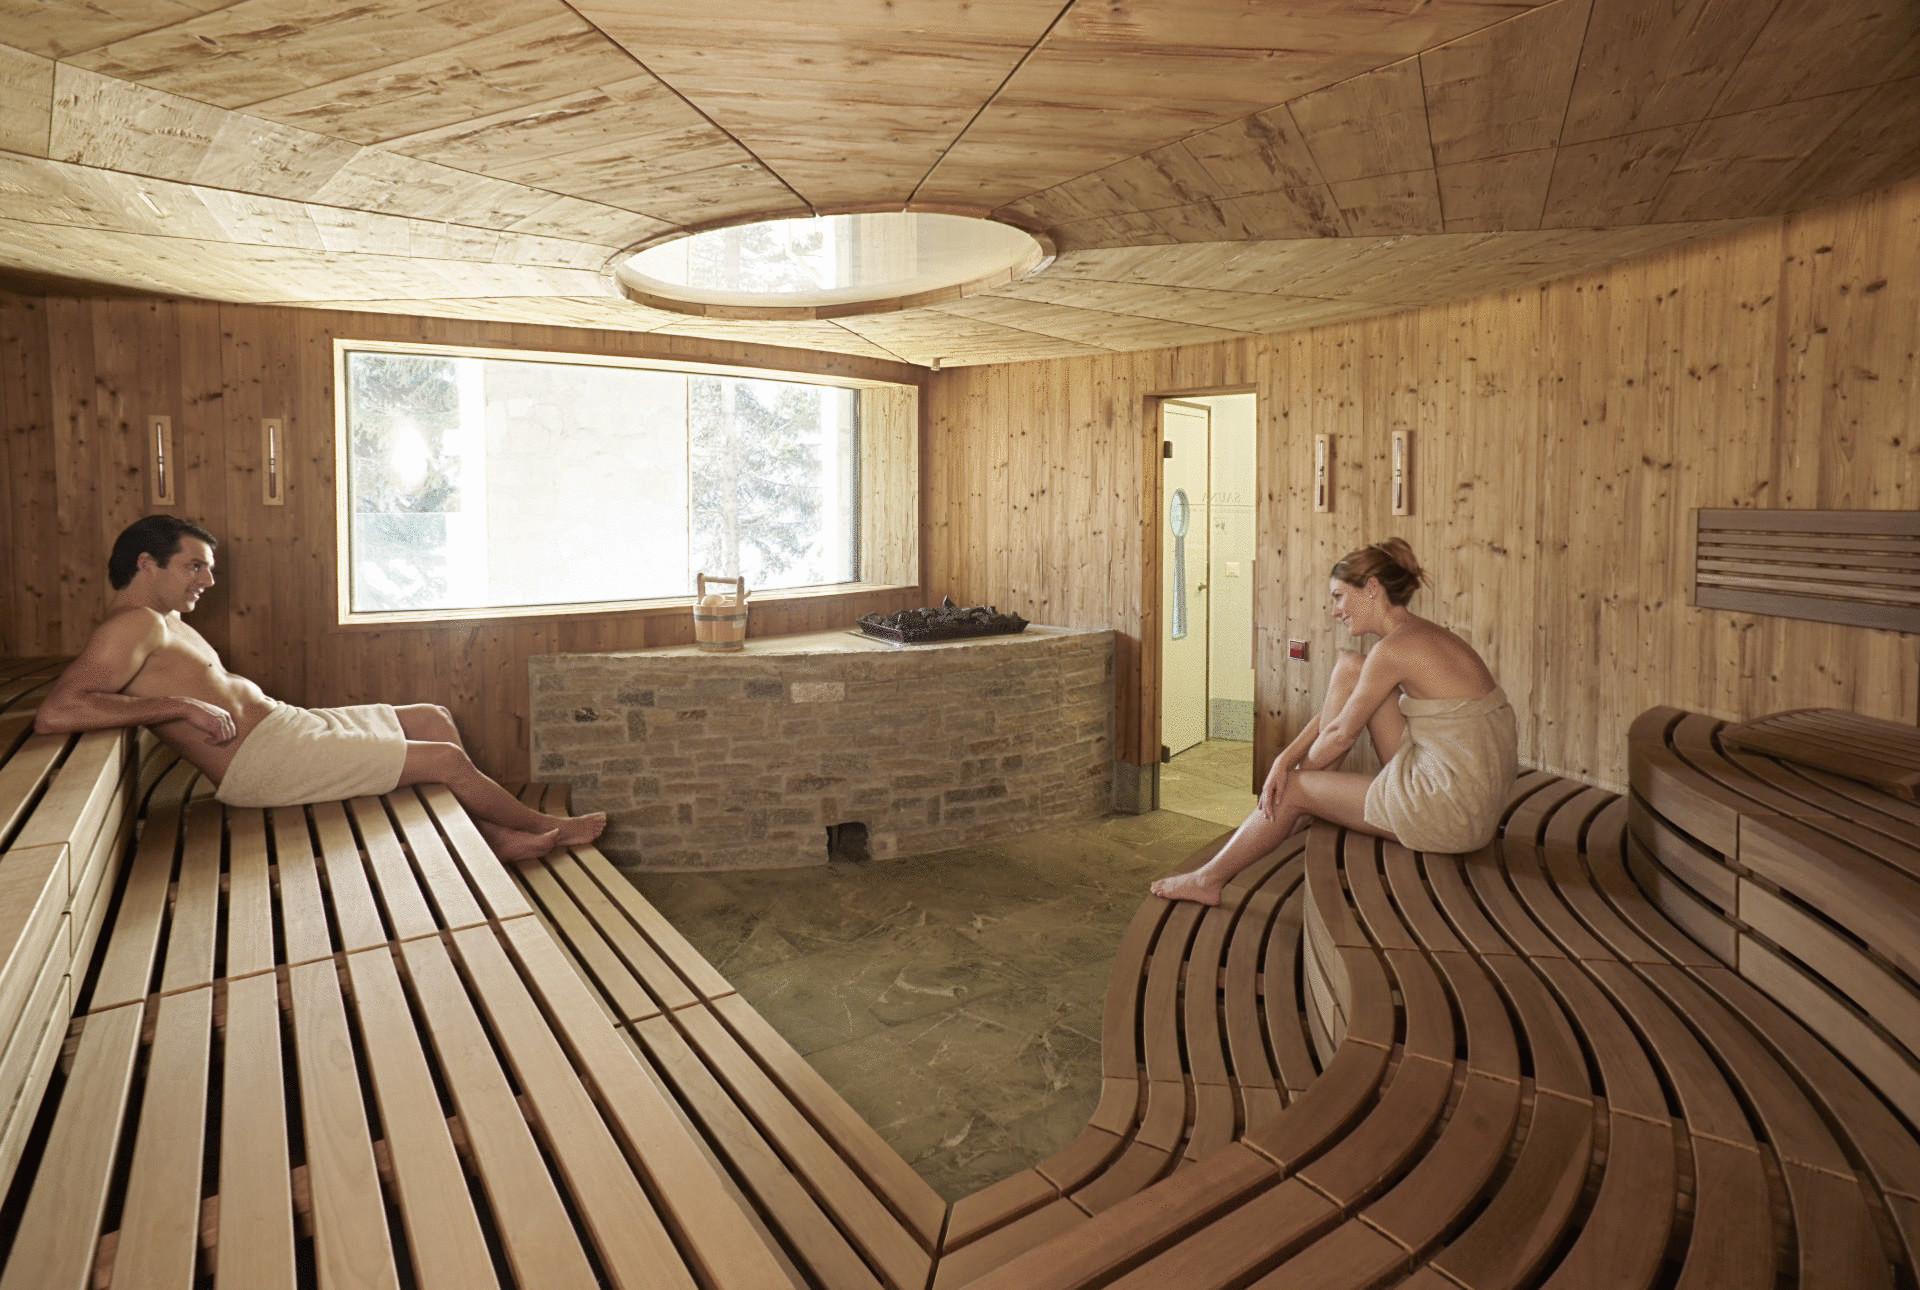 Примеры красивых бань: 30 фото интересных стилевых и архитектурных решений